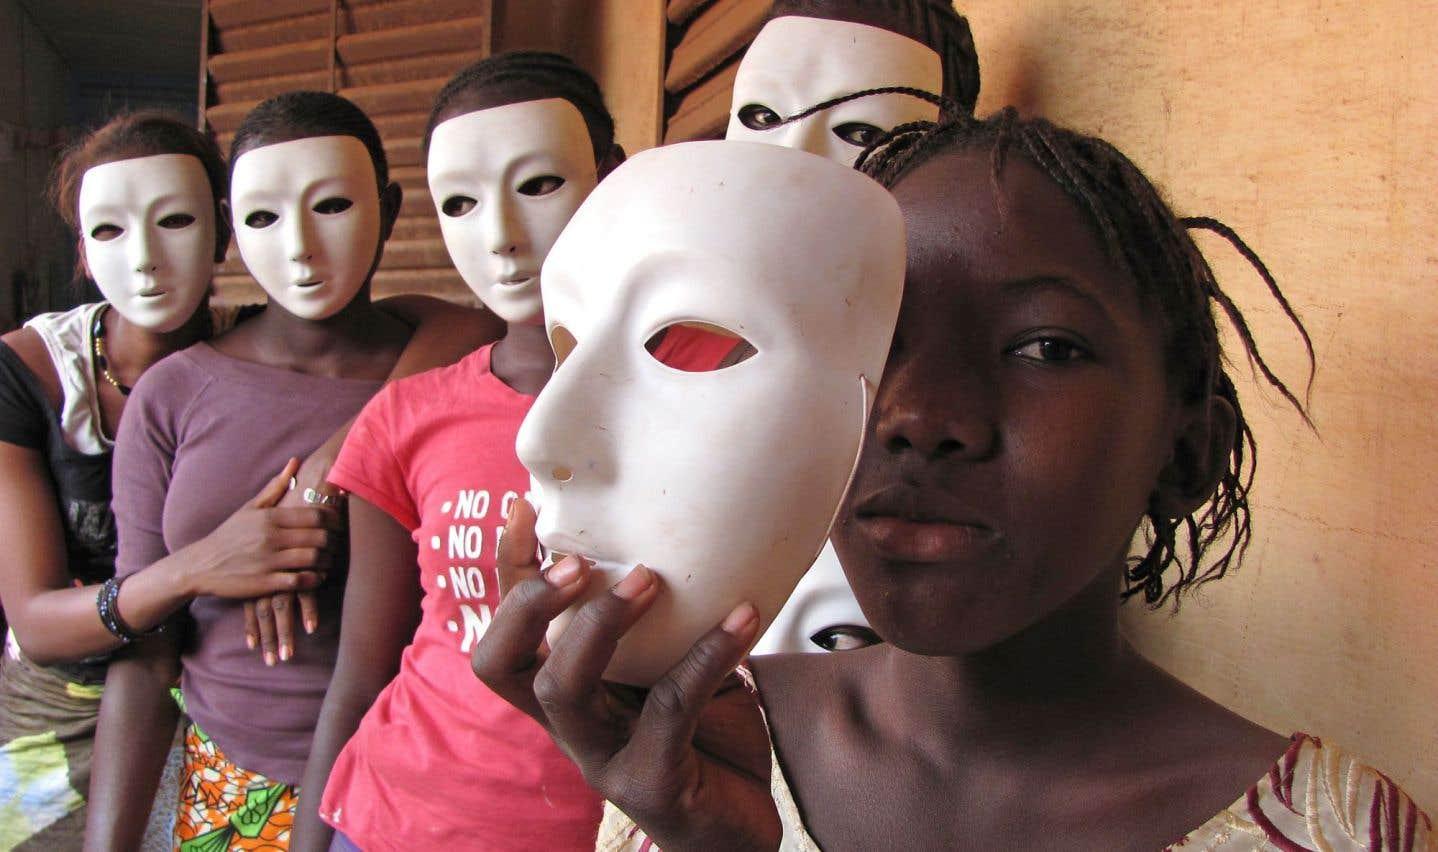 Le théâtre est un des moyens d'éducation utilisés par les organisations non gouvernementales.